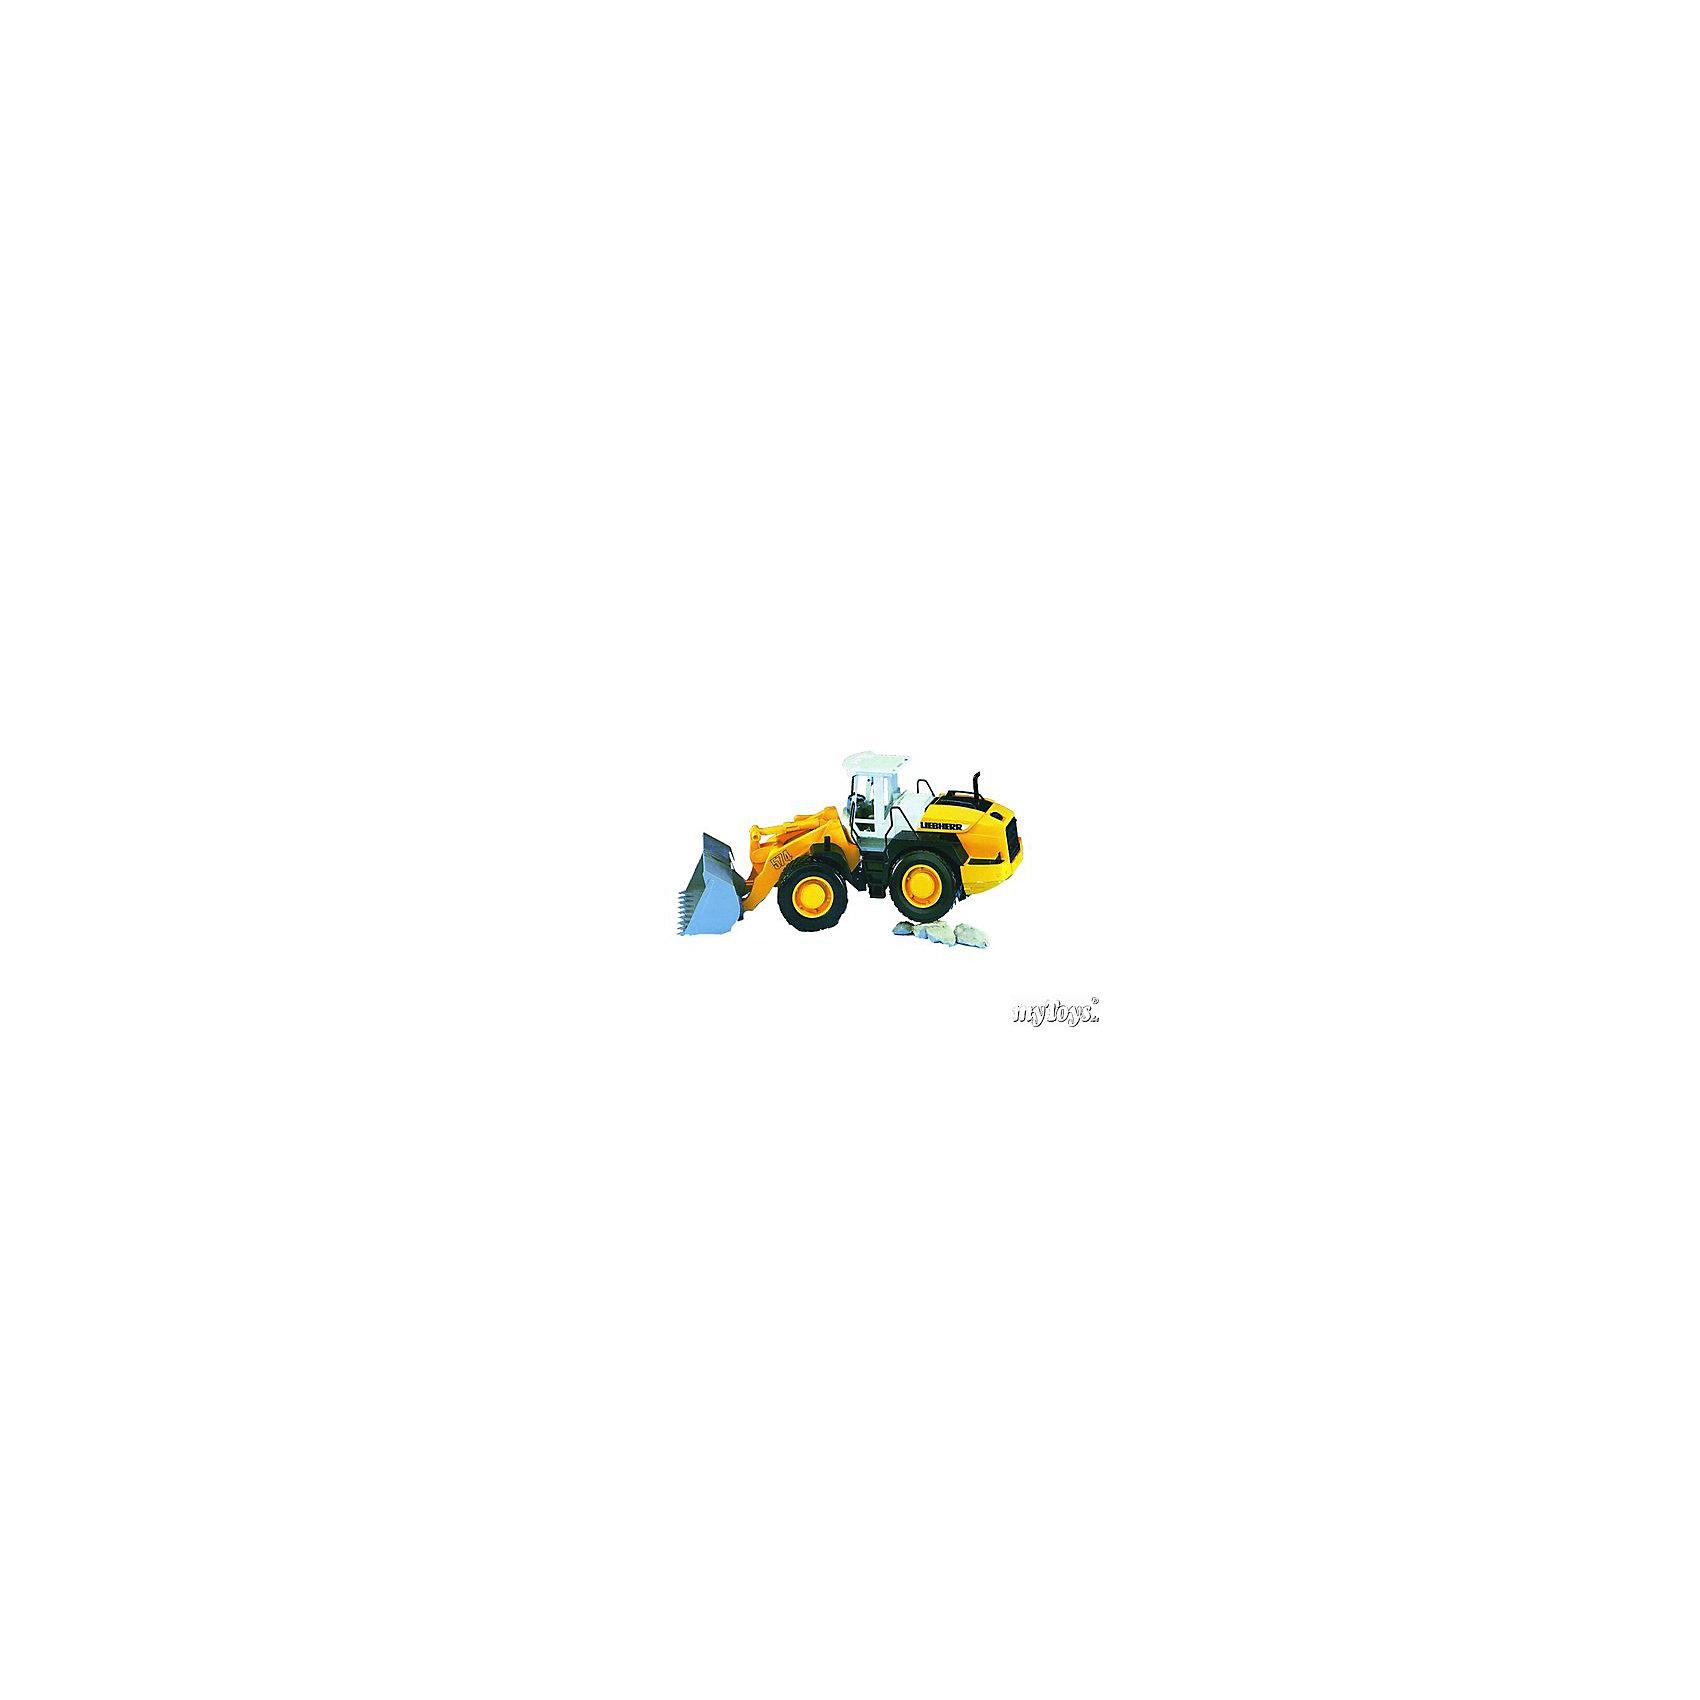 Погрузчик колёсный Liebherr  L574 с ковшом, BruderПогрузчик колёсный Liebherr L574 с ковшом, Bruder (Брудер) - это качественная детализированная игрушка с подвижными элементами.<br>Погрузчик колёсный Liebherr L574 с ковшом от немецкого производителя игрушек Bruder (Брудер) в точности повторяет реально существующую машину. Все детали игрушки выполнены с максимальной точностью и подробной детализацией. Мощным колесным погрузчиком очень удобно управлять. Ваш ребенок с радостью будет играть с ним. Ковш погрузчика поднимается вверх и опускается вниз, фиксируясь в верхнем положении. Угол наклона ковша регулируется, фиксируется в 2-х положения, чтобы избежать нечаянного просыпания сыпучих грузов. Крышка моторного отсека открывается. Передние колеса поворачиваются. Кабина оснащена рулем и сидением, двери кабины открываются. Широкие прорезиненные колёса с рельефными протекторами обеспечивают тихий ход машины и сохранность напольного покрытия. Игрушка изготовлена из высококачественного пластика, устойчивого к износу и ударам. Продукция сертифицирована, экологически безопасна для ребенка, использованные красители не токсичны и гипоаллергенны.<br><br>Дополнительная информация:<br><br>- Размер машины: 52,5 x 18,5 x 22,5 см.<br>- Масштаб 1:16<br>- Материал: высококачественный пластик<br>- Цвет: желтый, черный, белый<br><br>Погрузчик колёсный Liebherr  L574 с ковшом, Bruder (Брудер) можно купить в нашем интернет-магазине.<br><br>Ширина мм: 570<br>Глубина мм: 256<br>Высота мм: 198<br>Вес г: 1513<br>Возраст от месяцев: 36<br>Возраст до месяцев: 96<br>Пол: Мужской<br>Возраст: Детский<br>SKU: 1210393